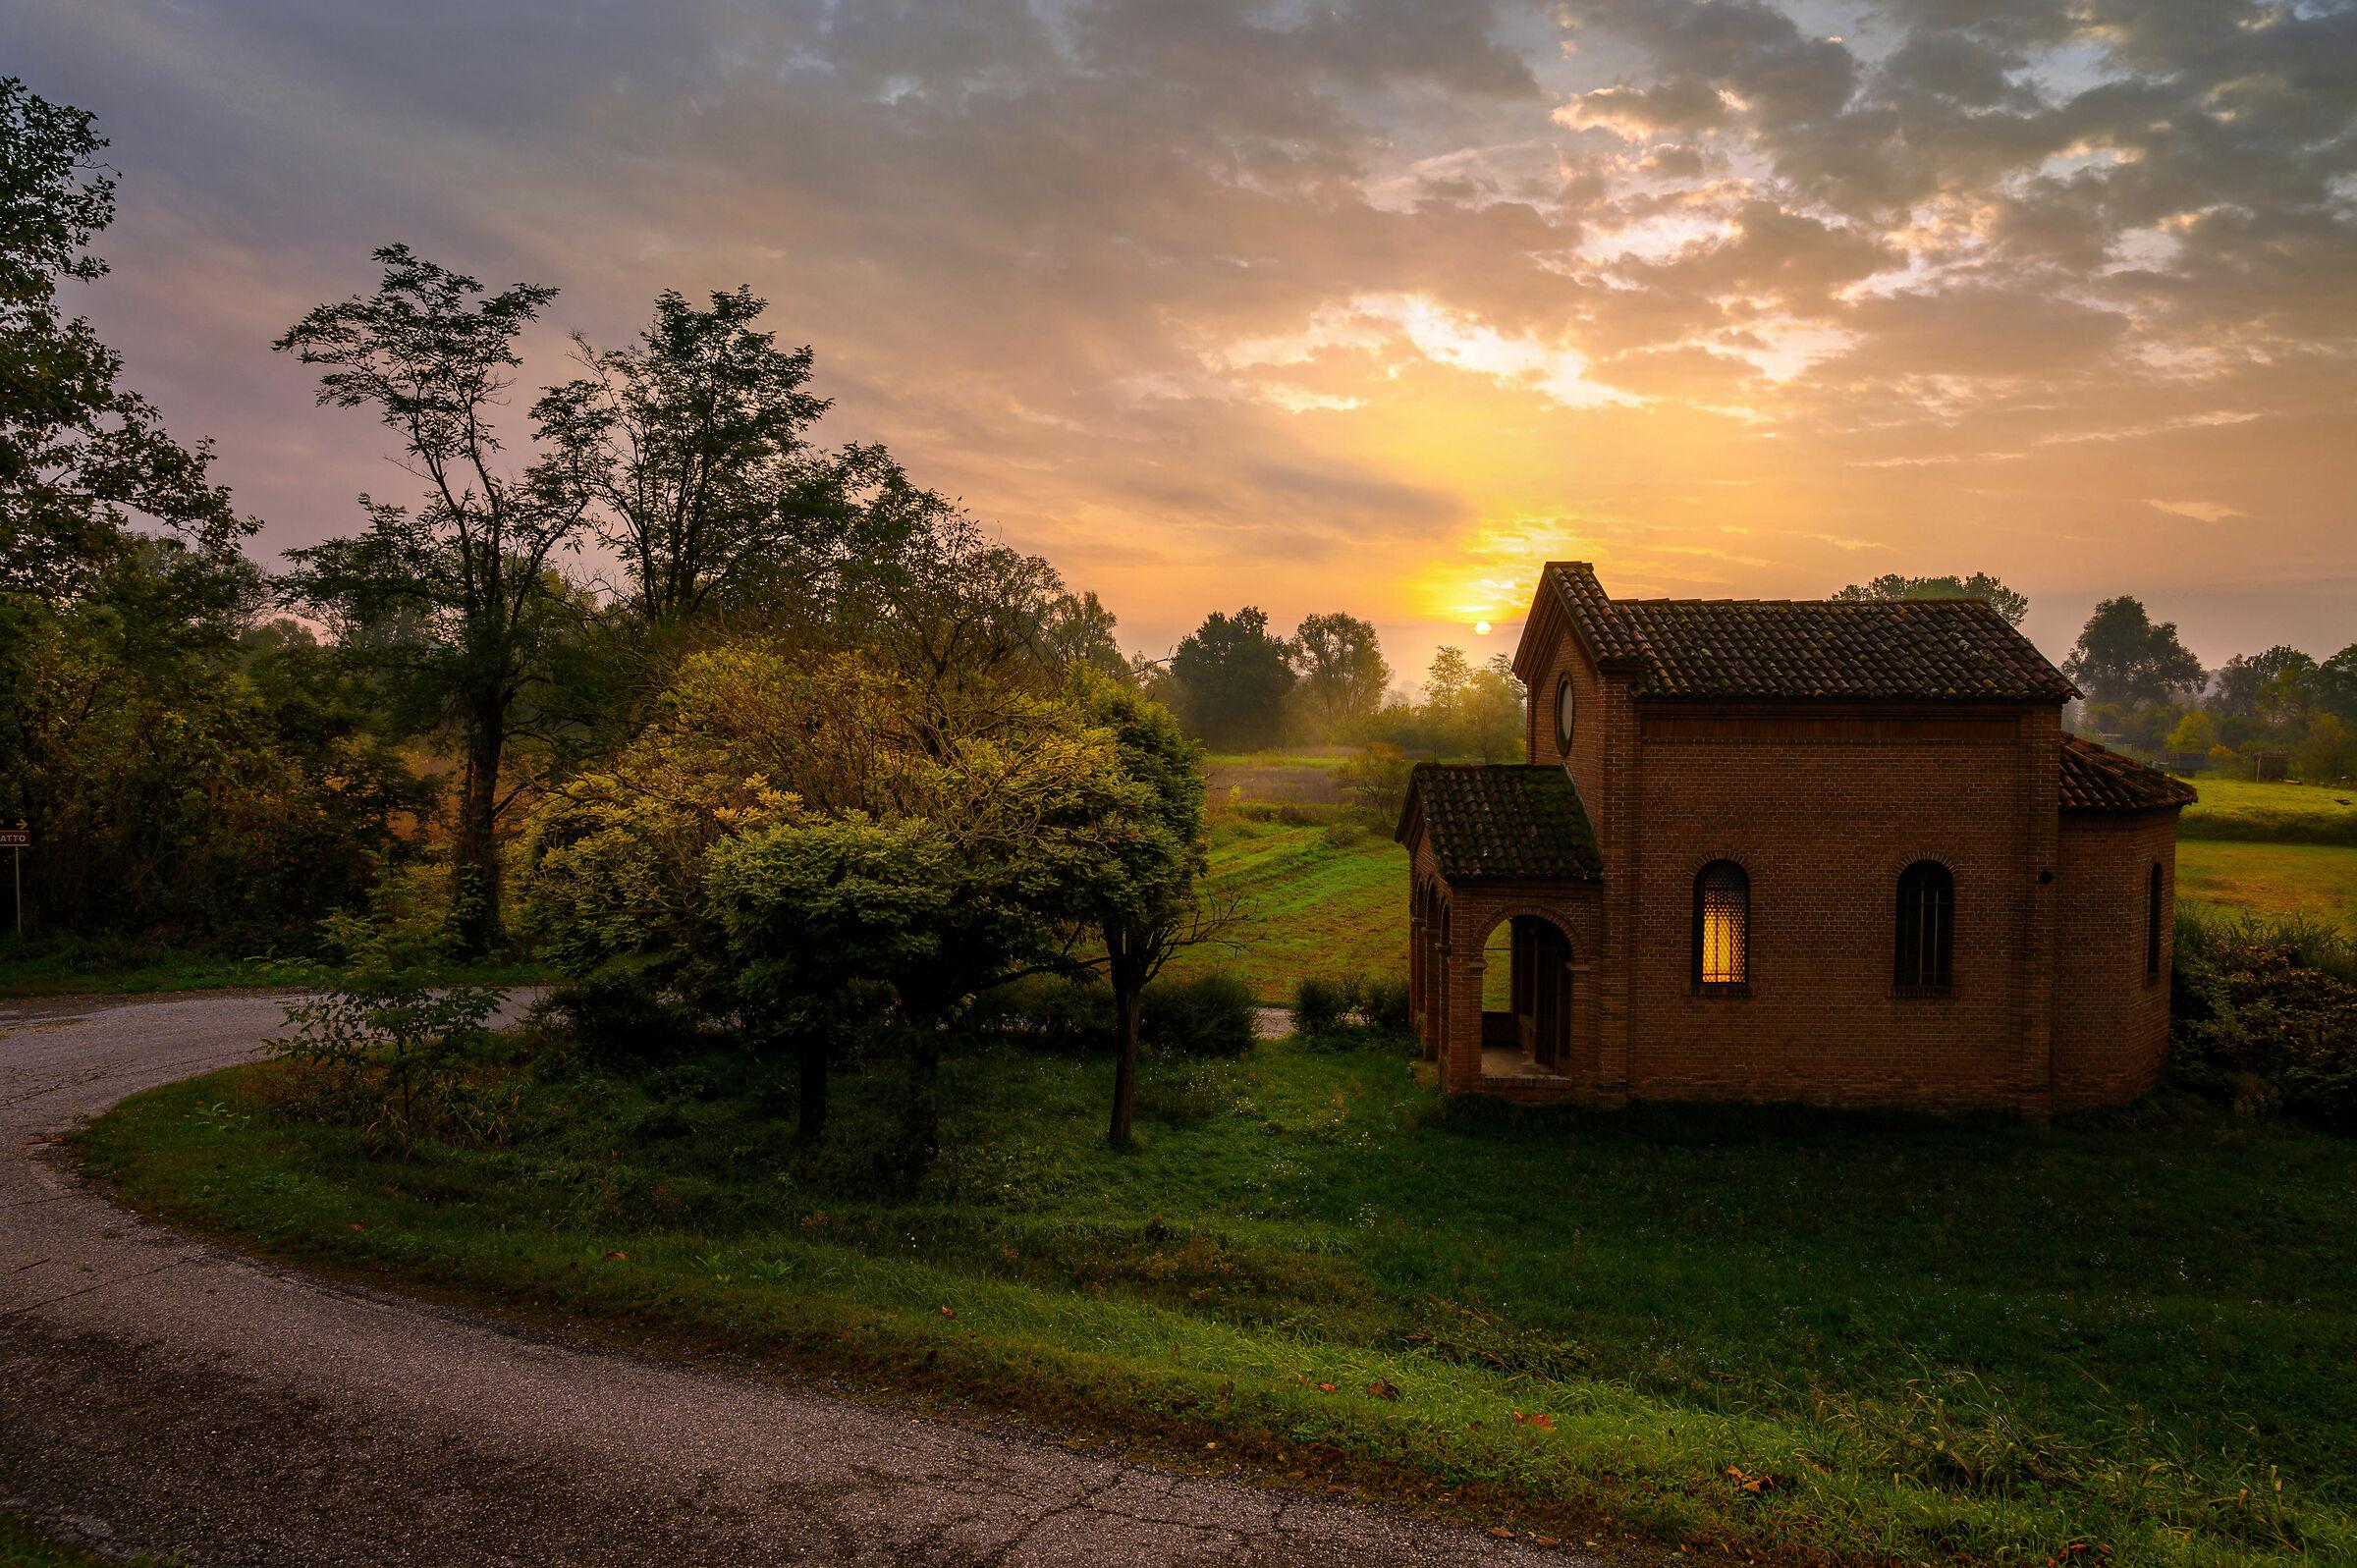 Dawn at the sanctial...